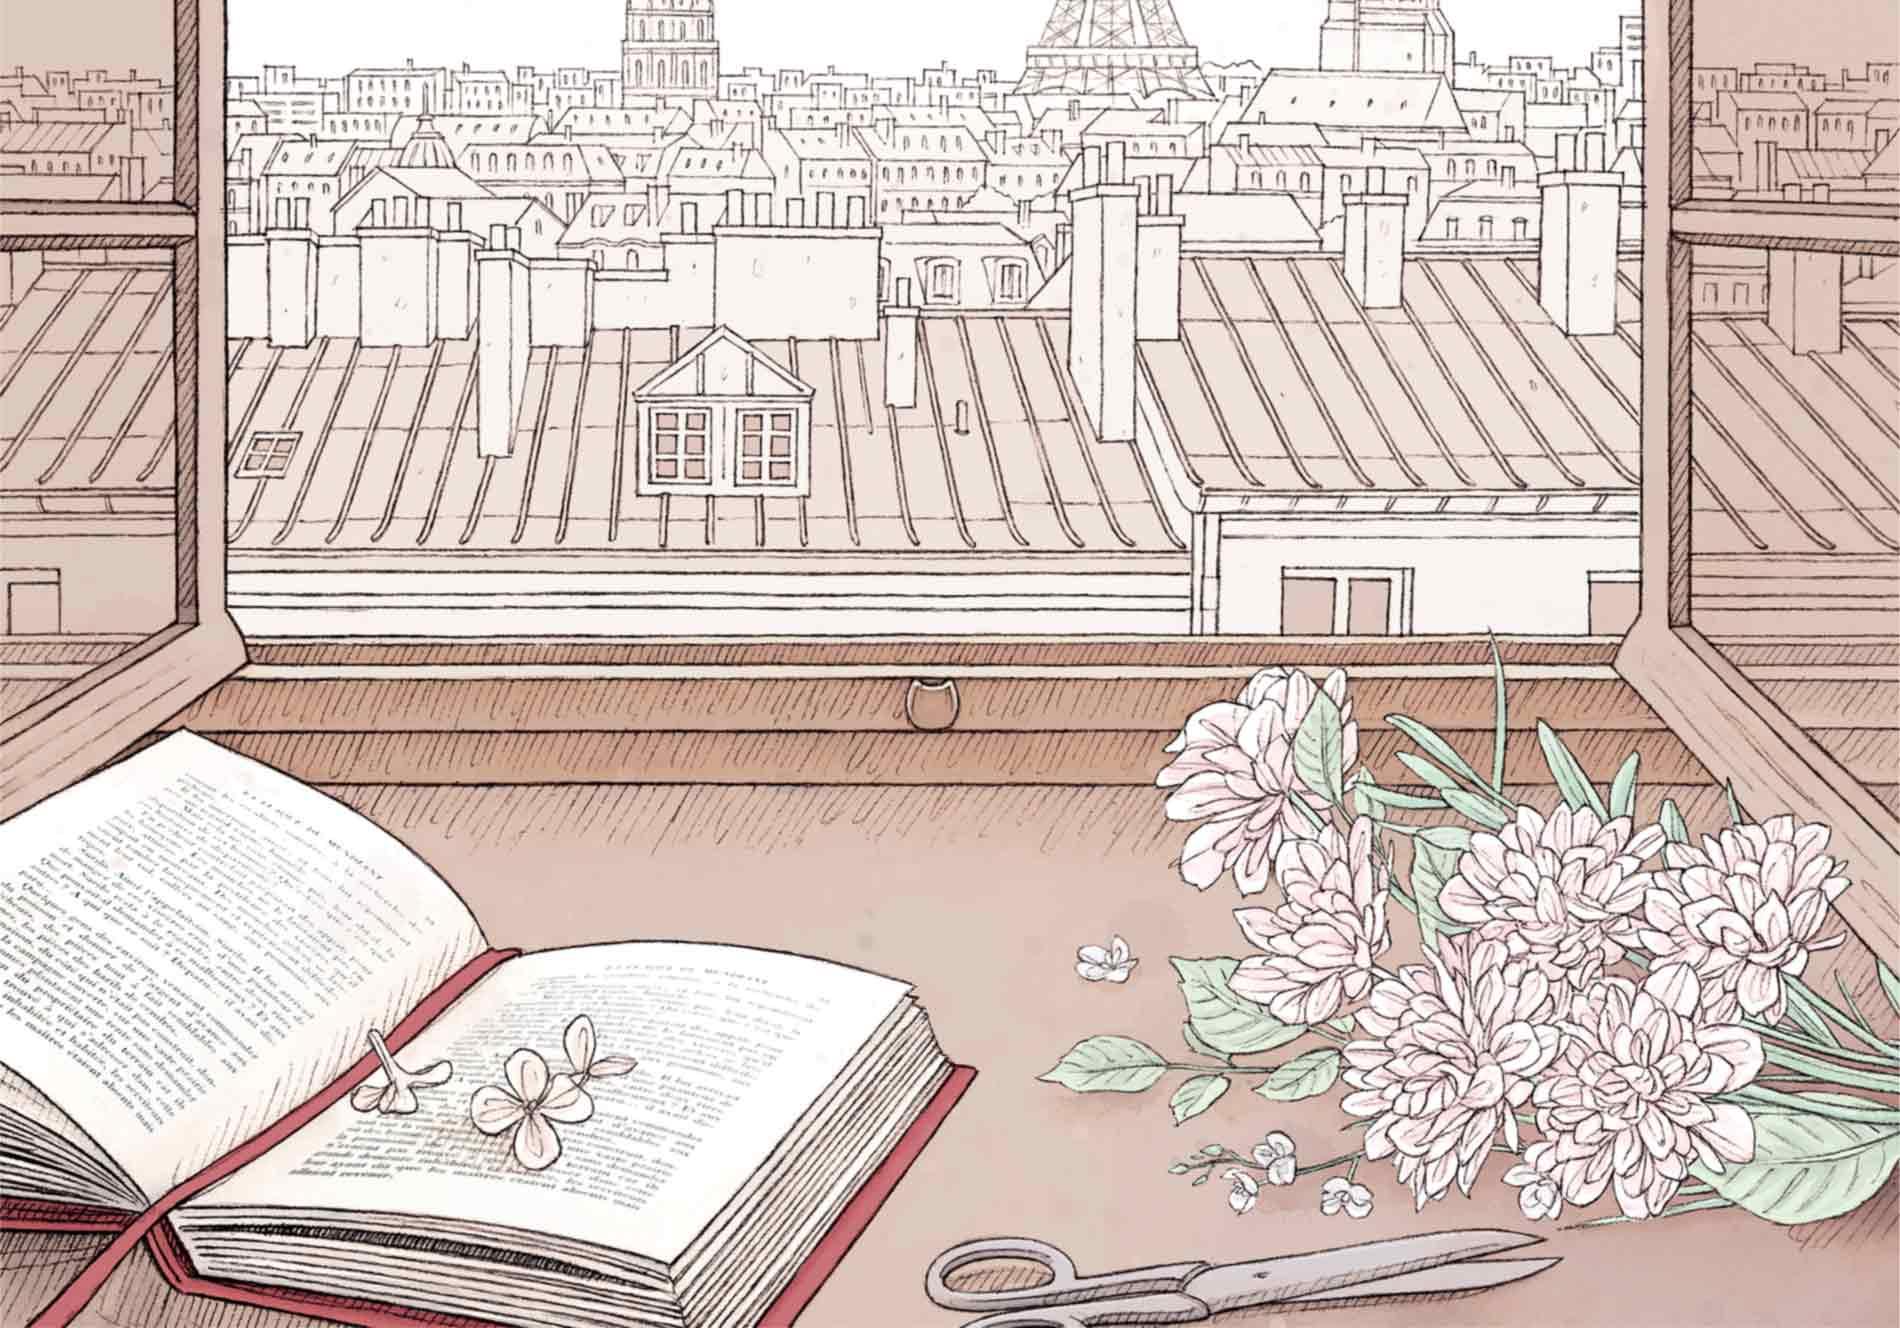 bouquet de fleurs, livre ouvert et encadrement de fenêtre